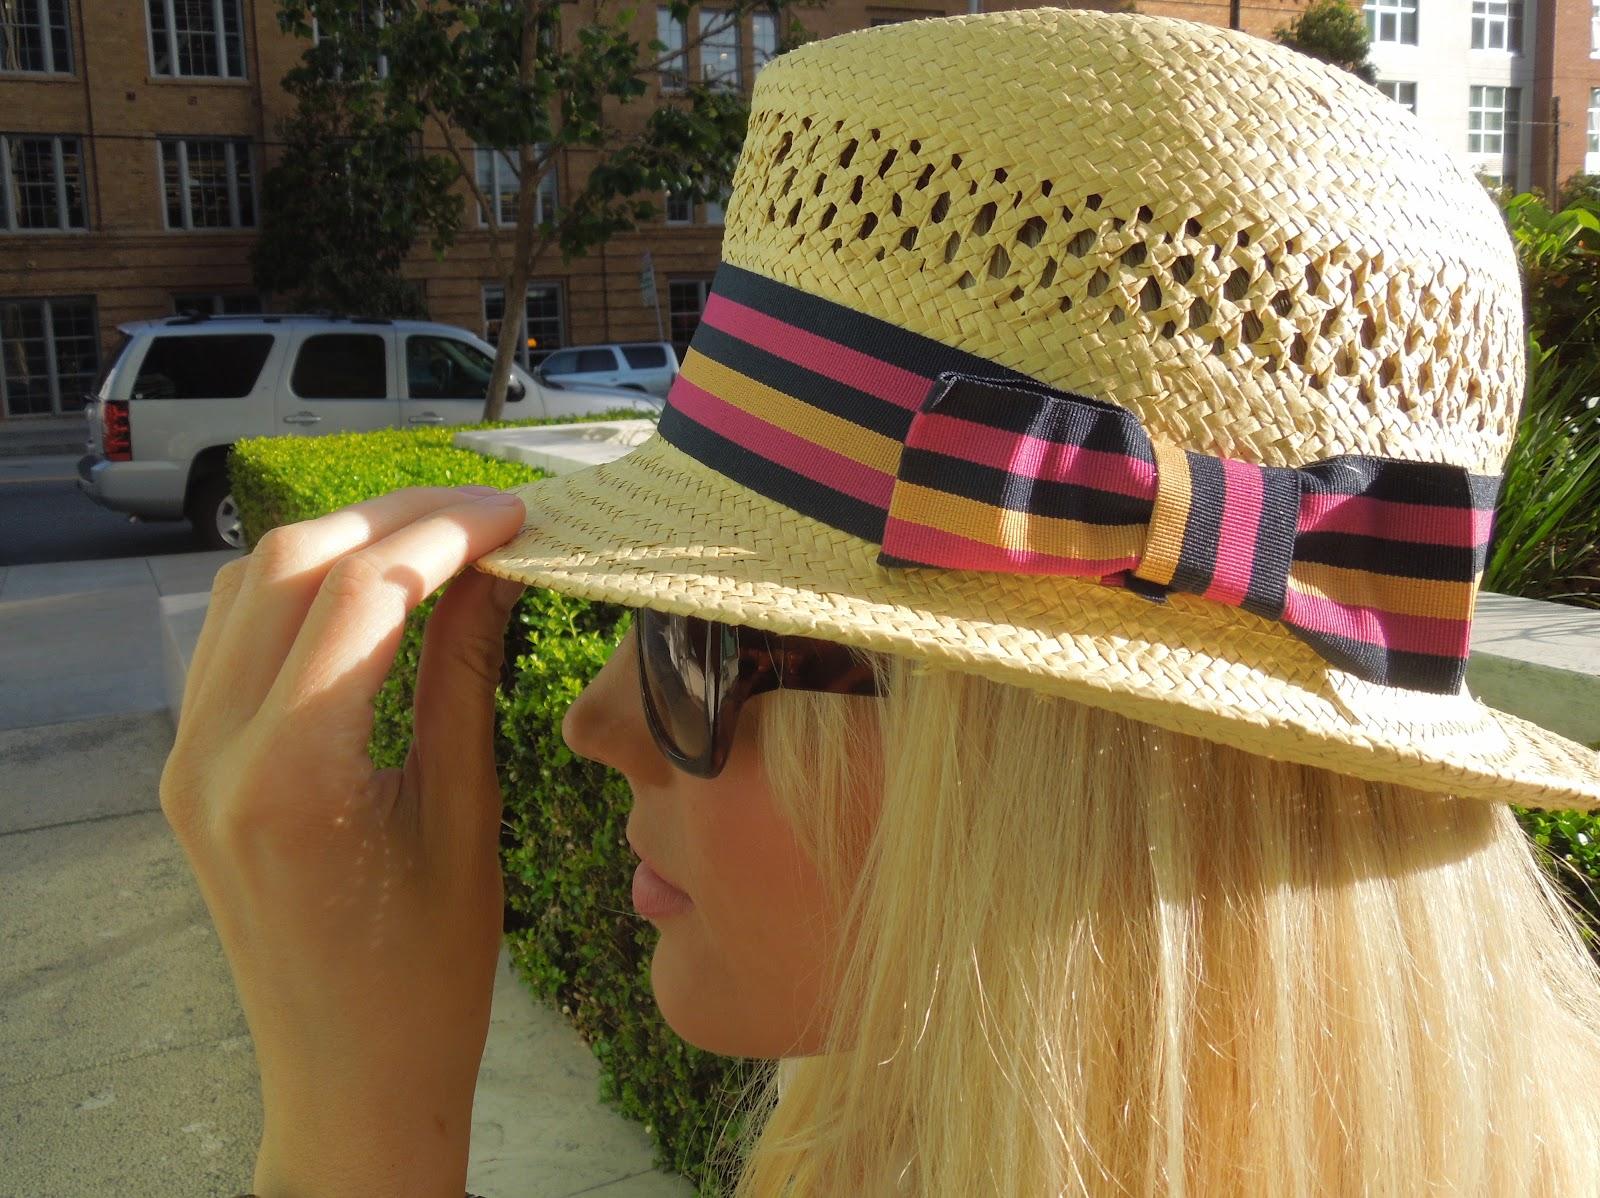 http://2.bp.blogspot.com/-mvWAyah9GWs/T9uNLAUBoqI/AAAAAAAACjs/pJTHLAjojFI/s1600/Fedora+hat,+straw+hat,+bright+ribbon+sunglasses.JPG